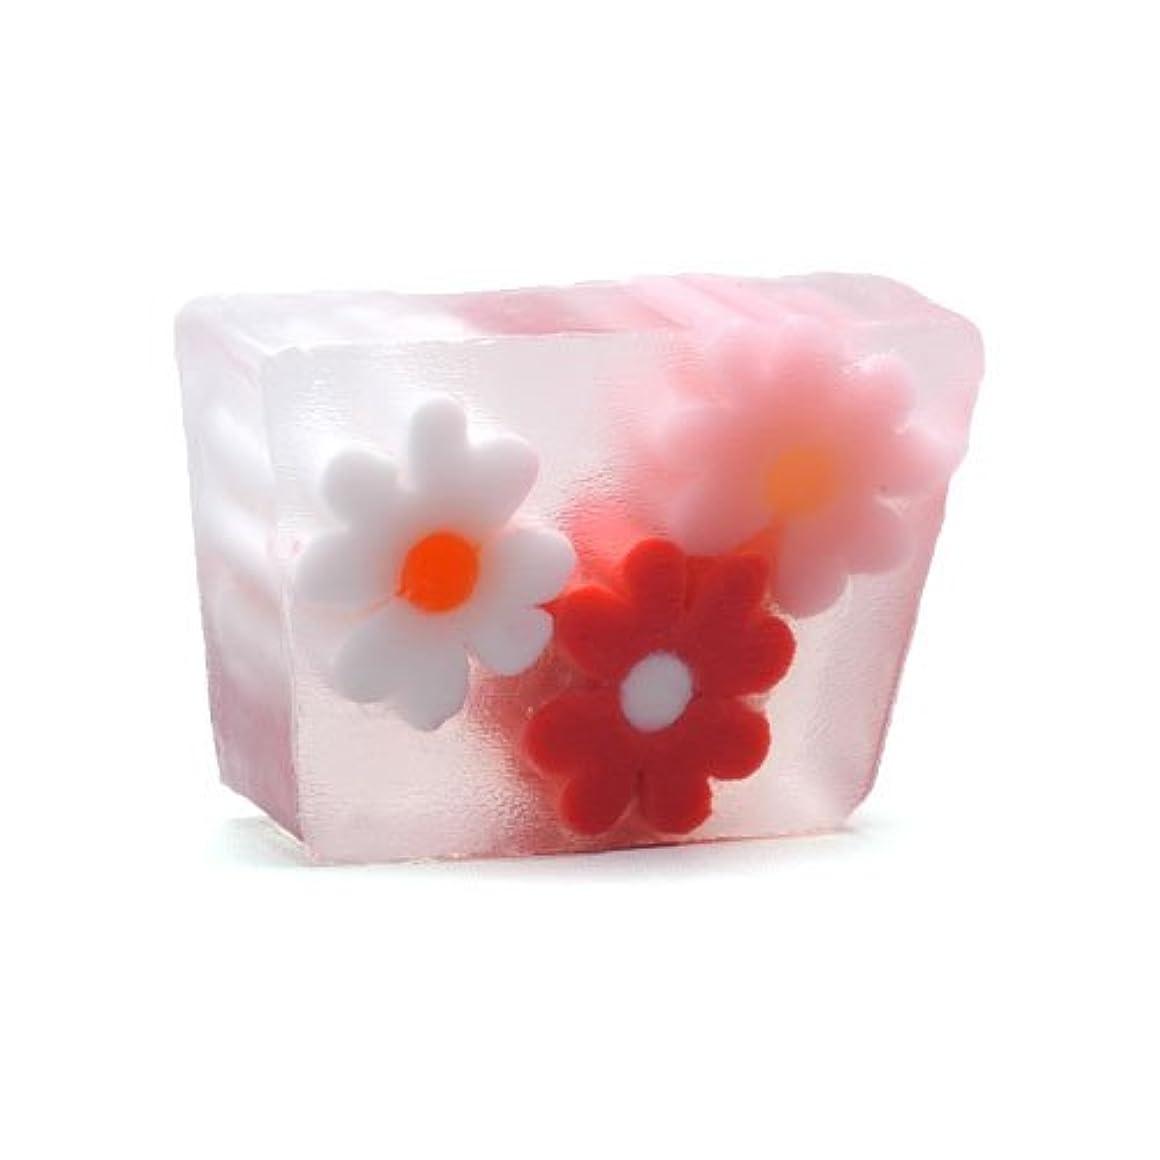 電池敬意液体プライモールエレメンツ アロマティック ミニソープ フラワーショップ 80g 植物性 ナチュラル 石鹸 無添加